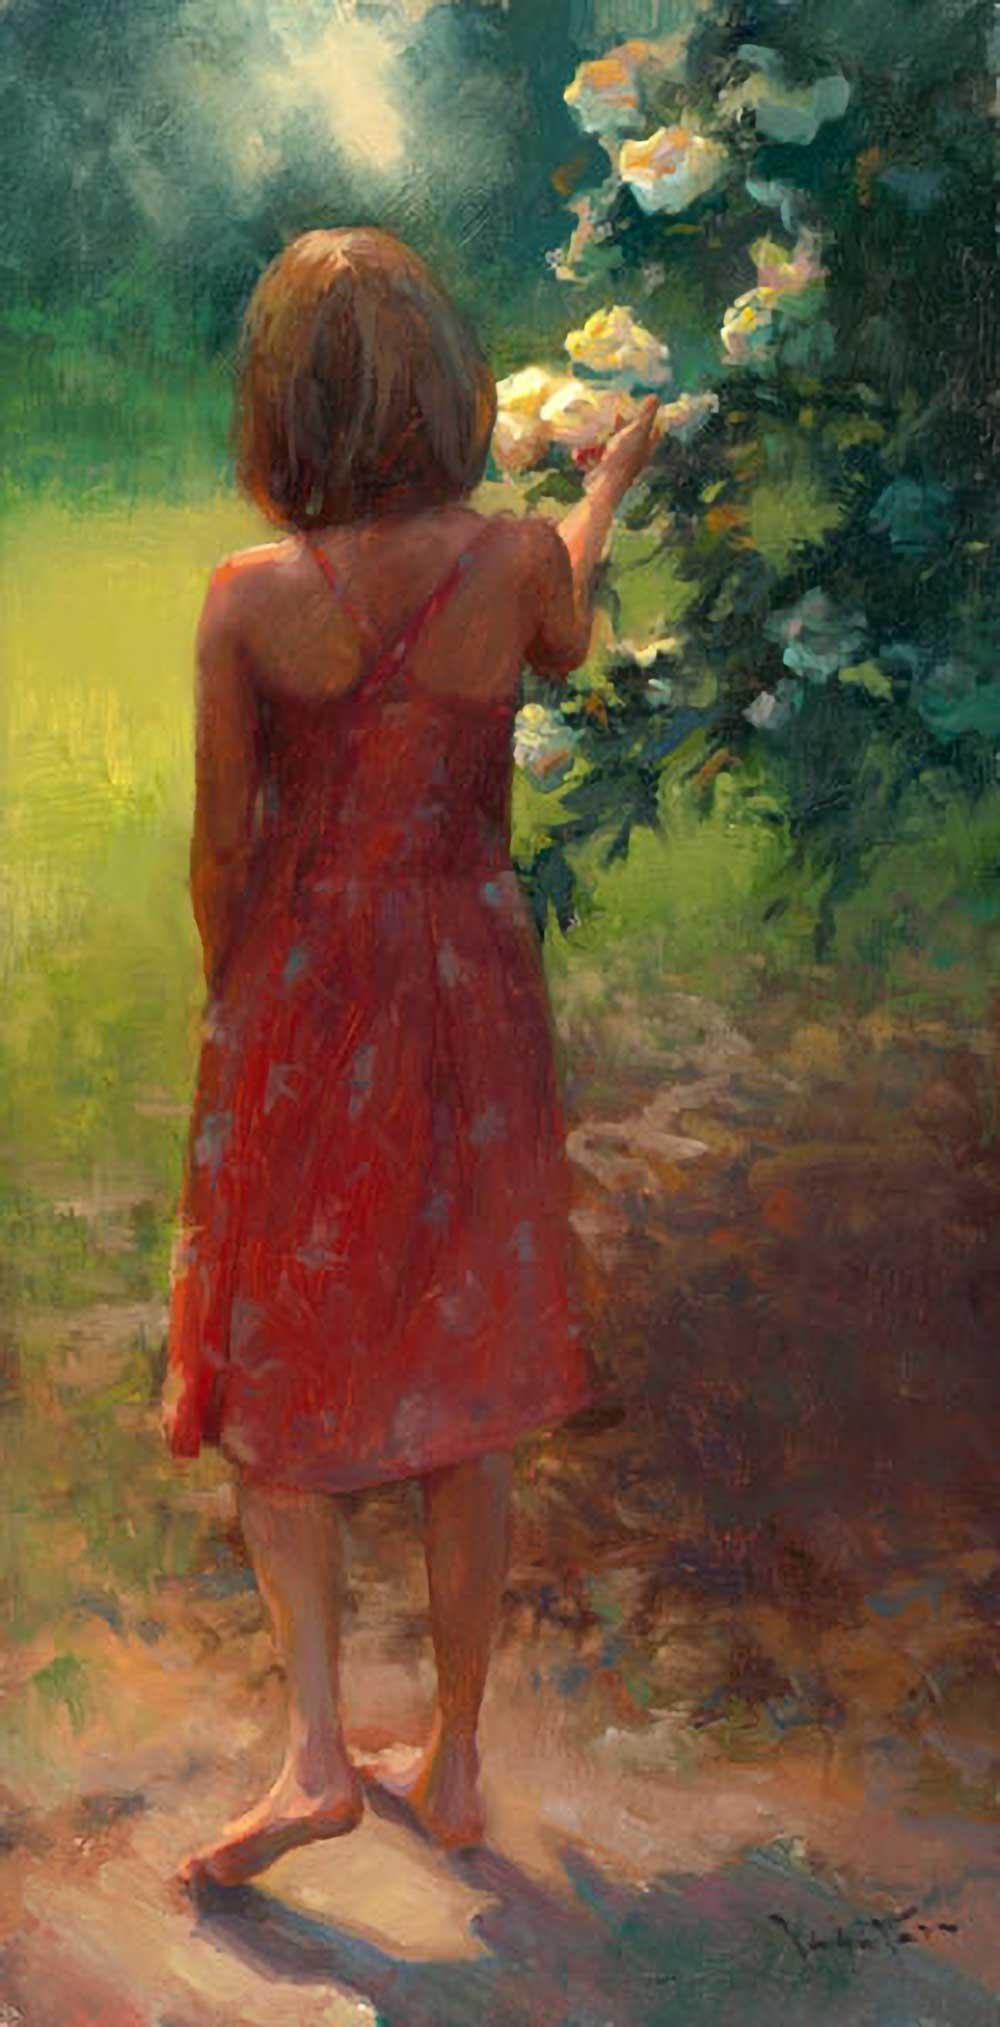 Inspirational Art : A Silent Conversation by John Lasater